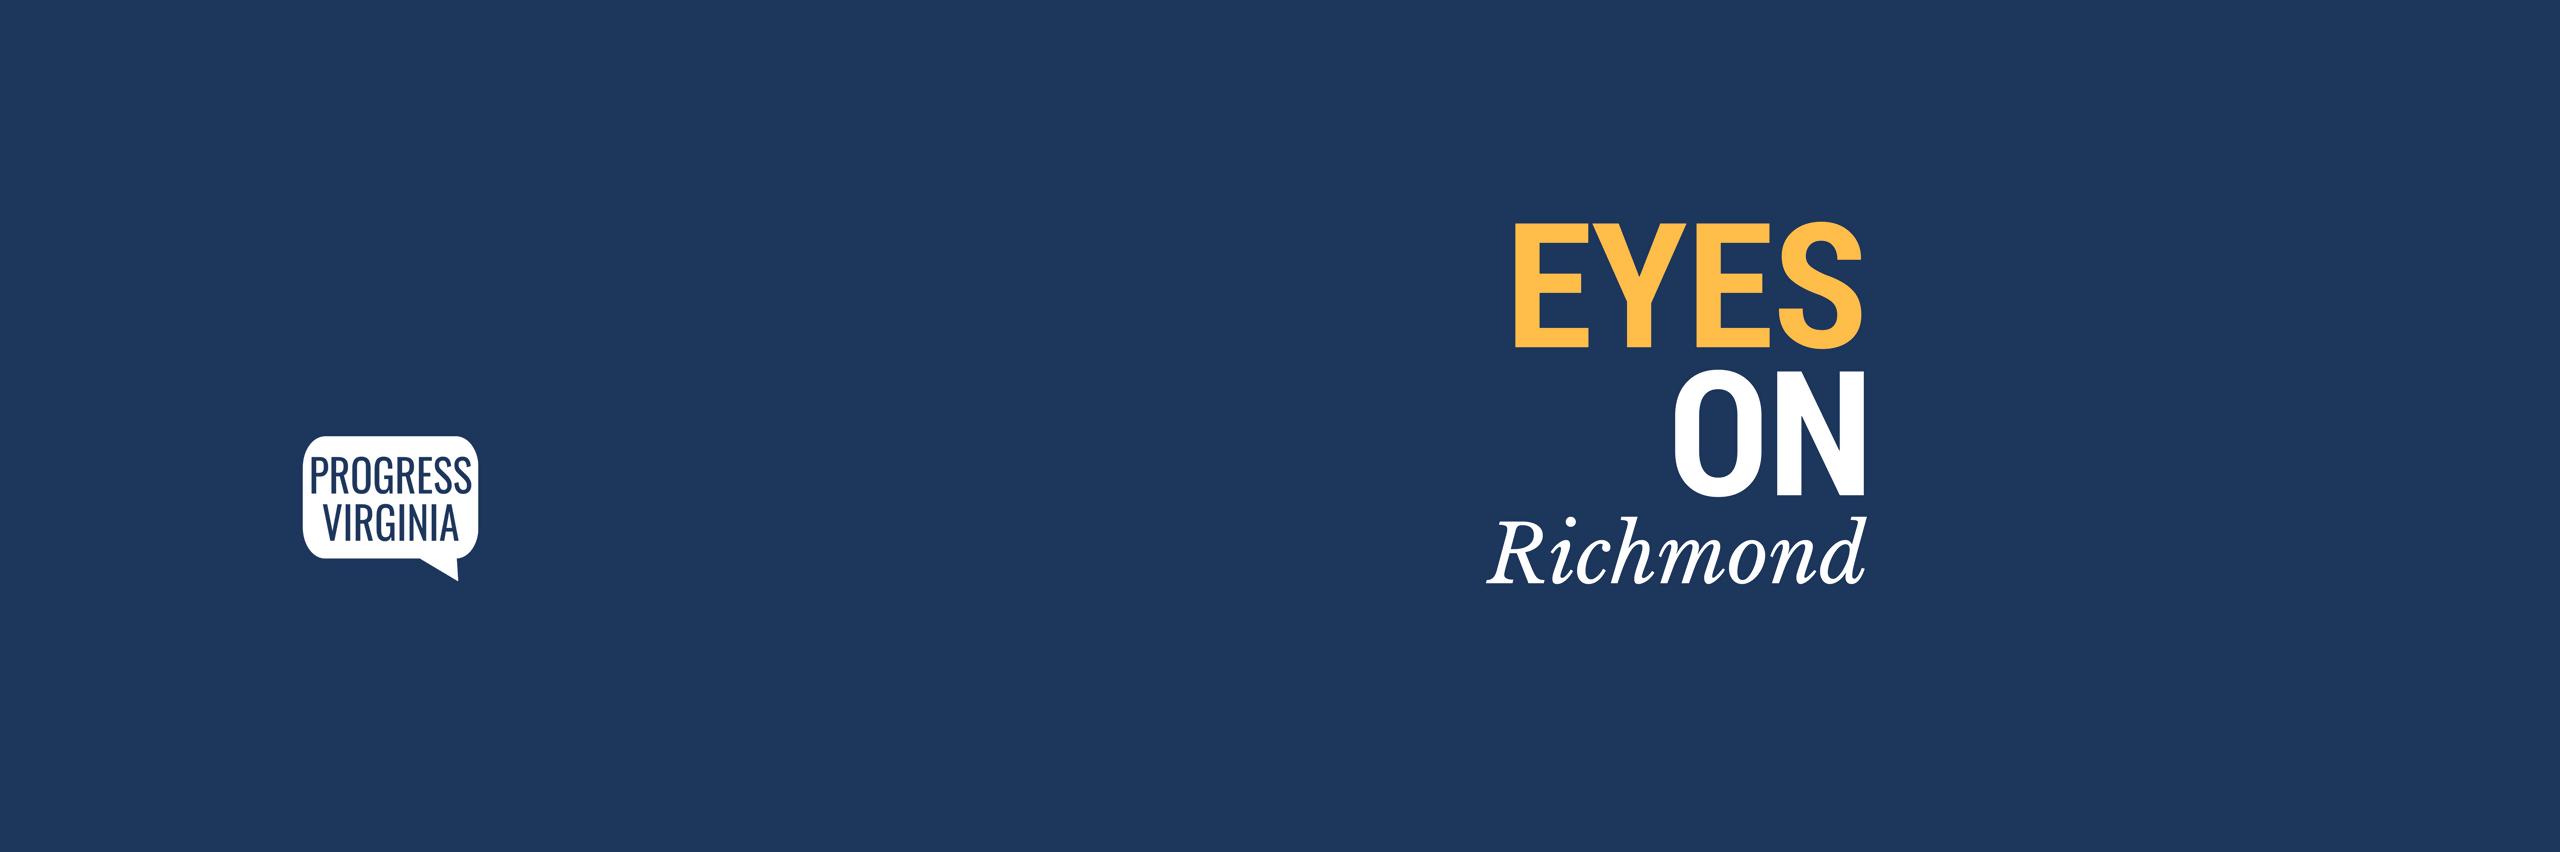 Progress Virginia Eyes on Richmond 4